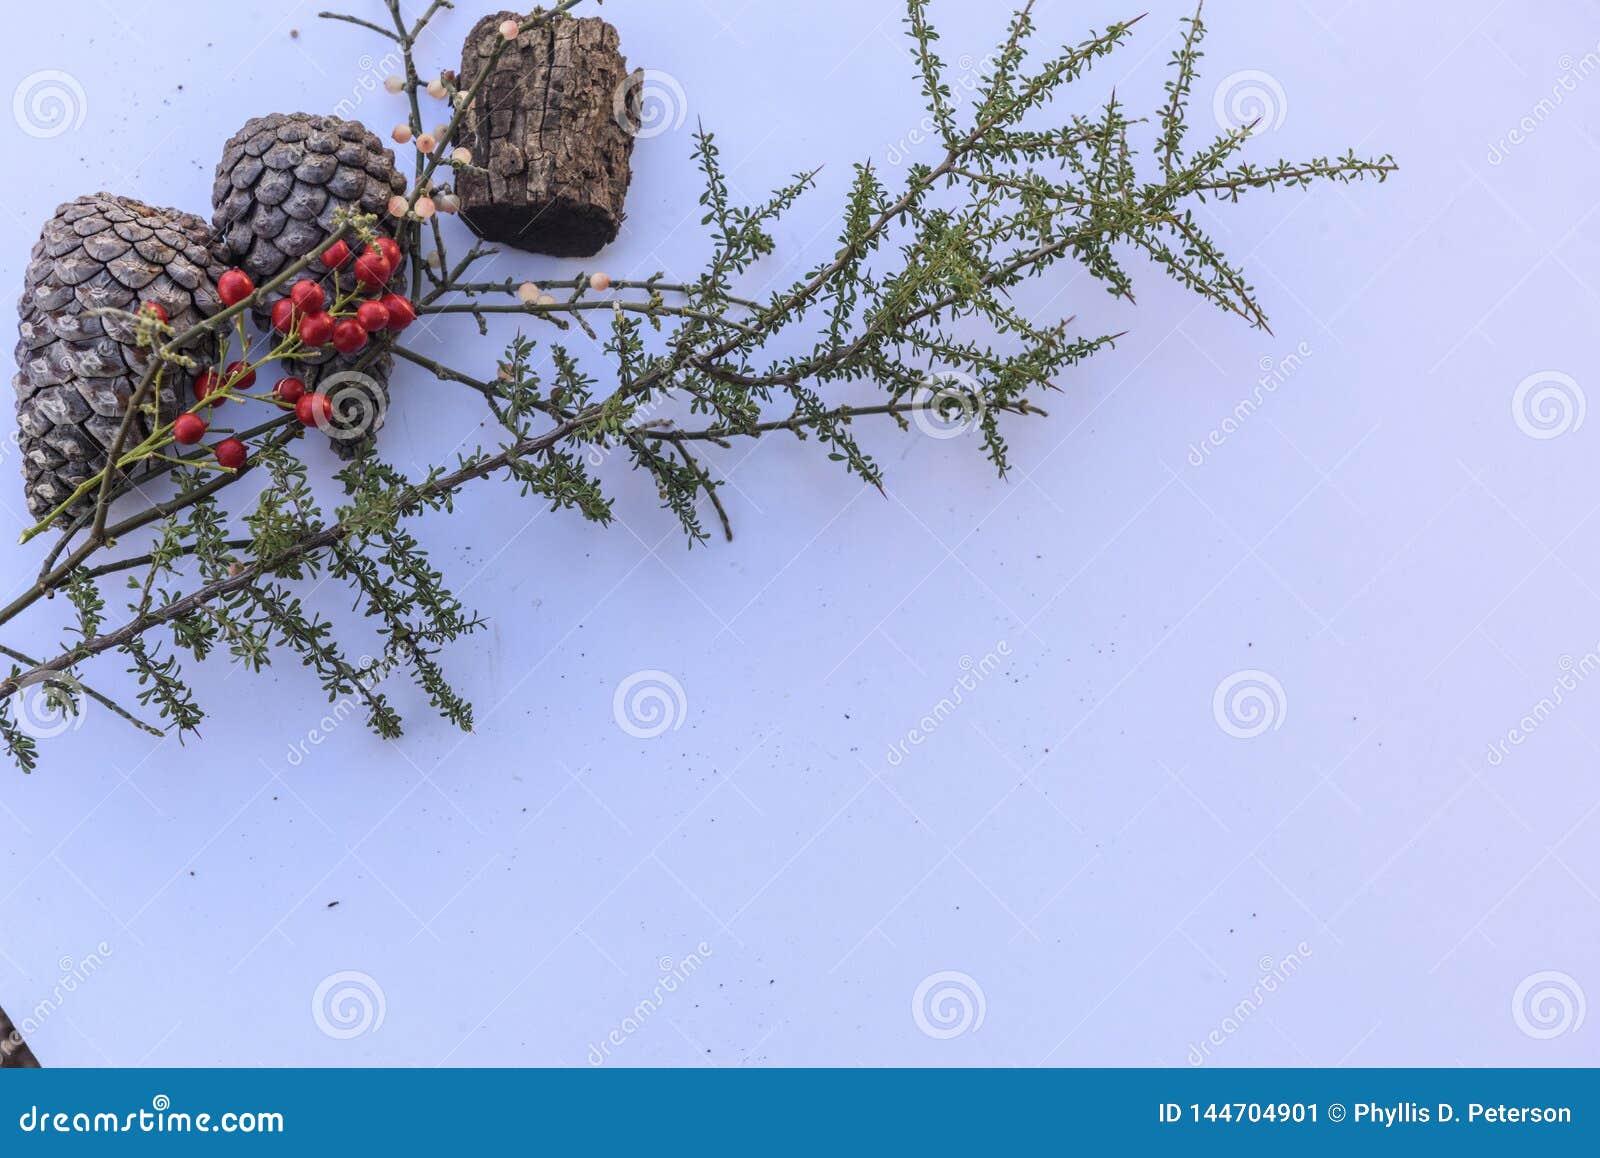 Botanisch stilleven met pinecones met bessen